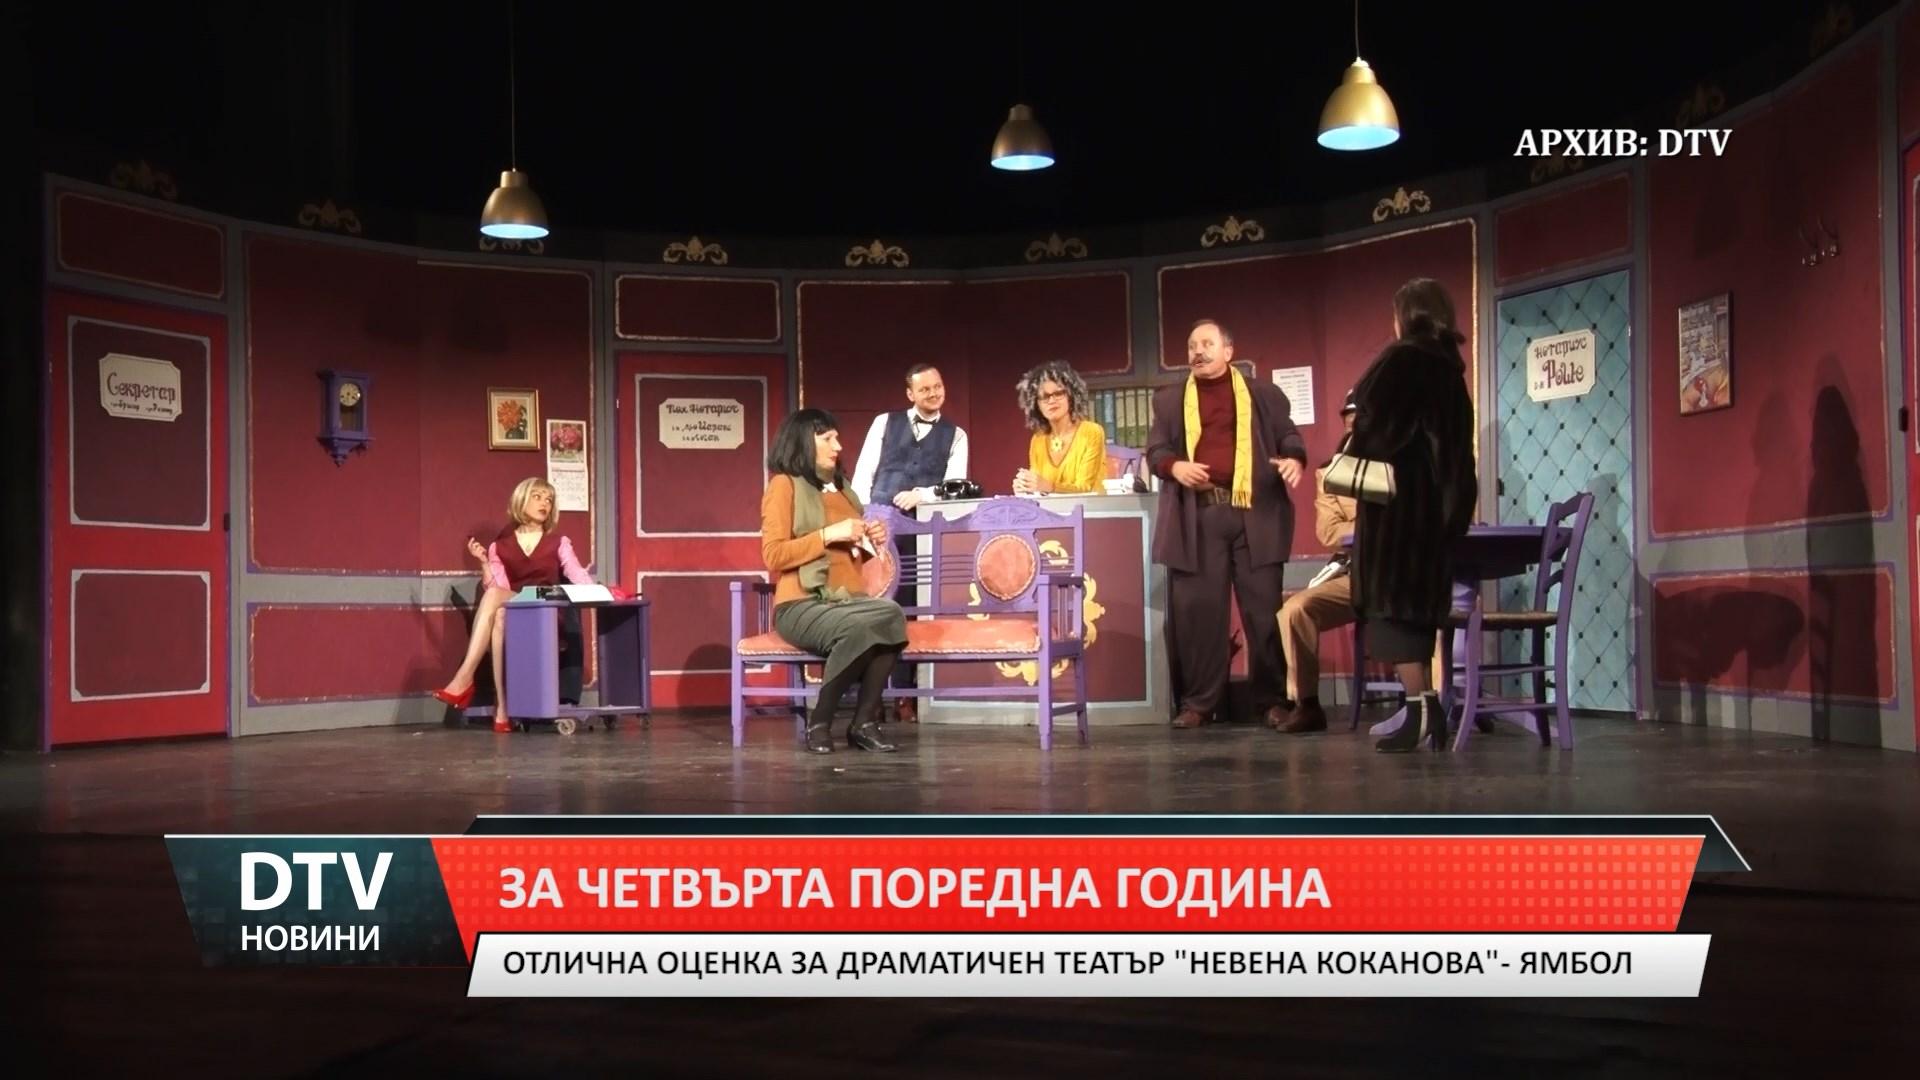 Ямболският театър с отлична оценка за четвърта поредна година